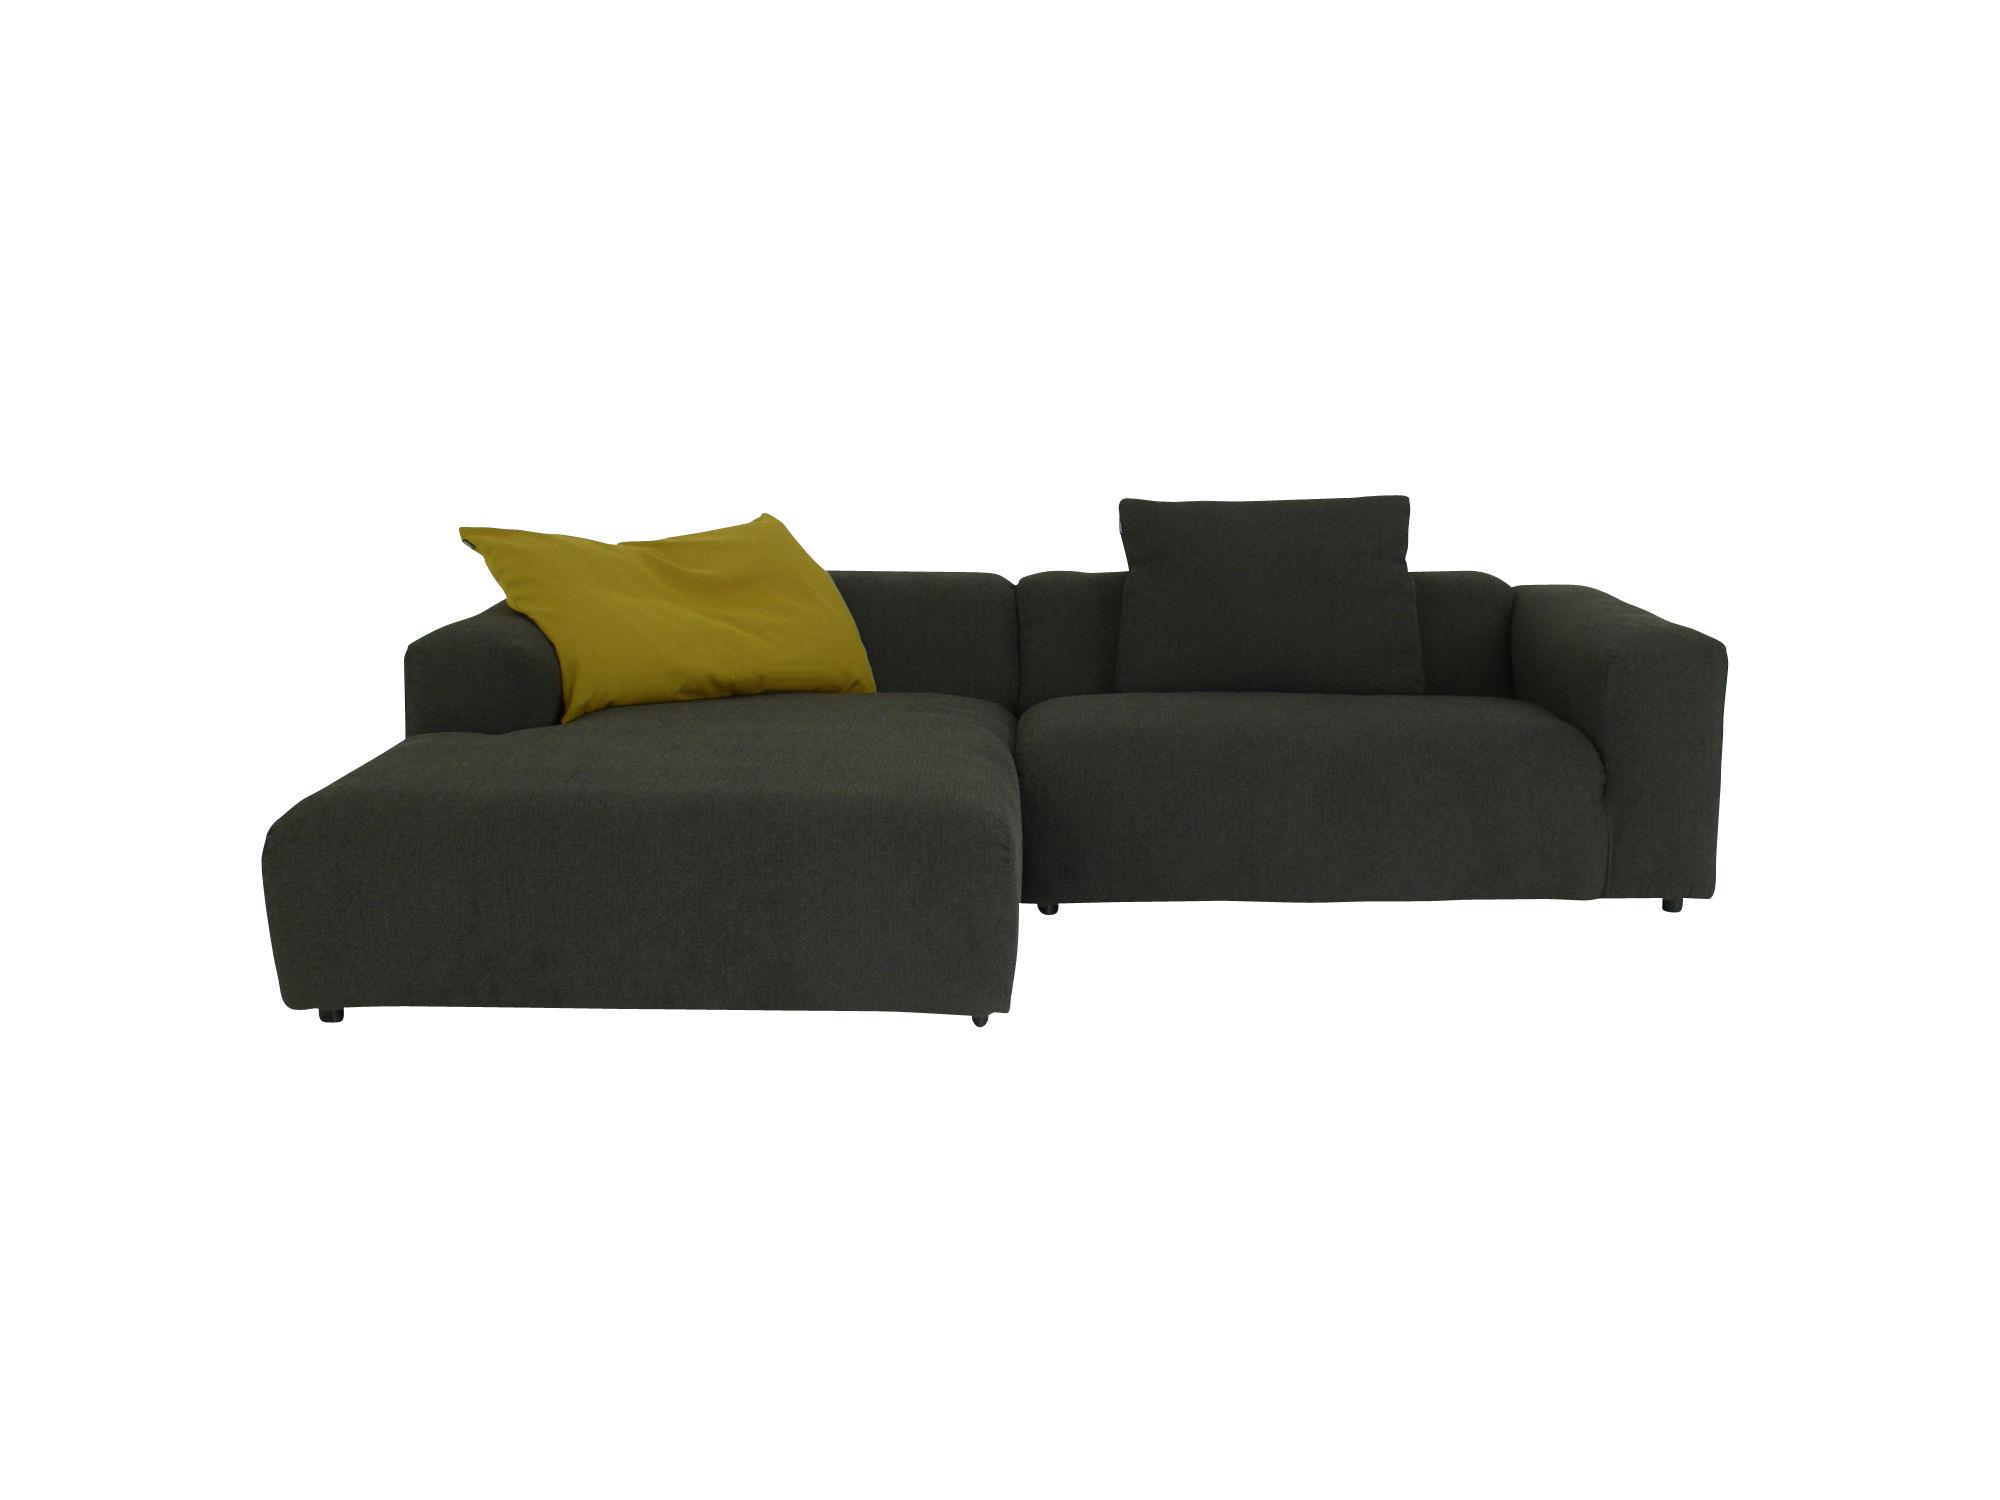 freistil 187 freistil rolf benz izabela k. Black Bedroom Furniture Sets. Home Design Ideas